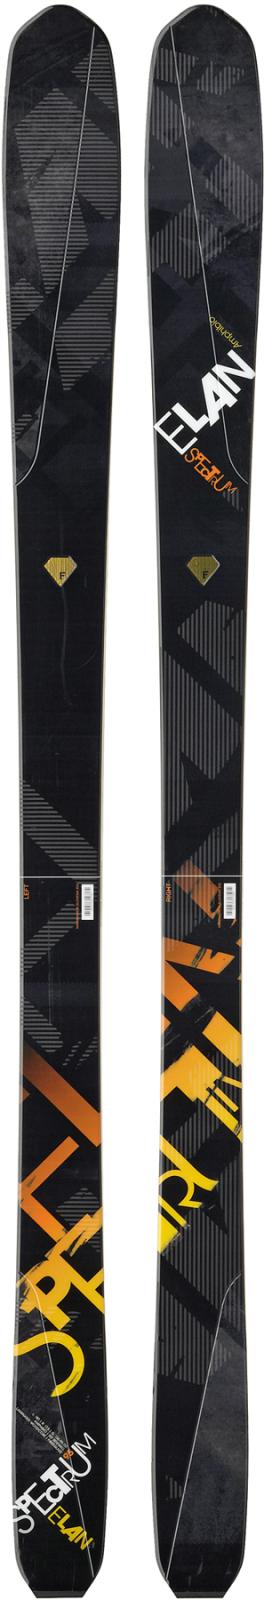 freeride lyže Elan Spectrum 95